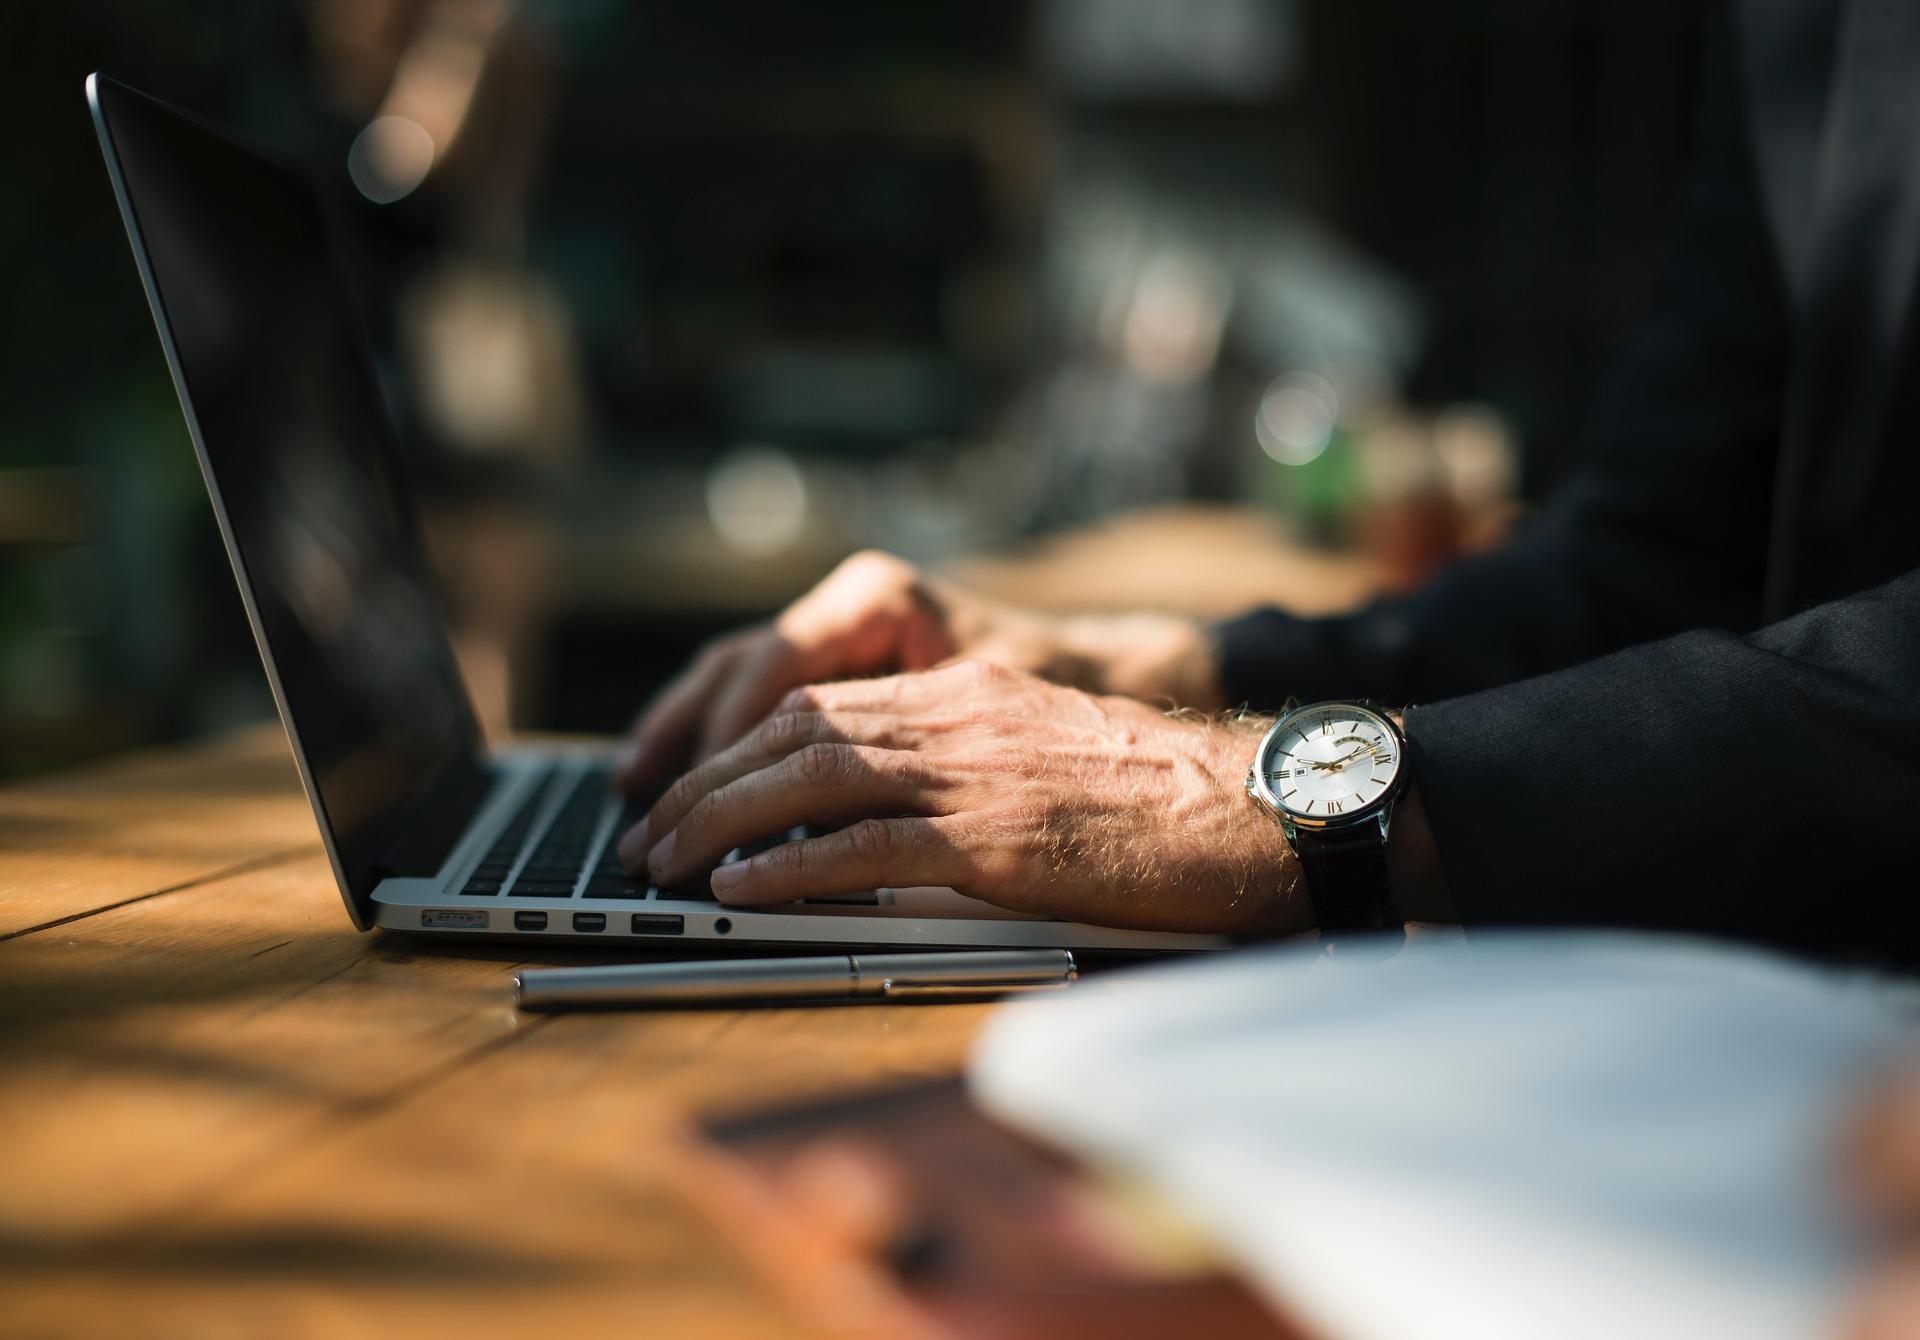 Як розумно керувати своїм часом: сім найкращих методів - produktyvnist, porady, news, zhyttya